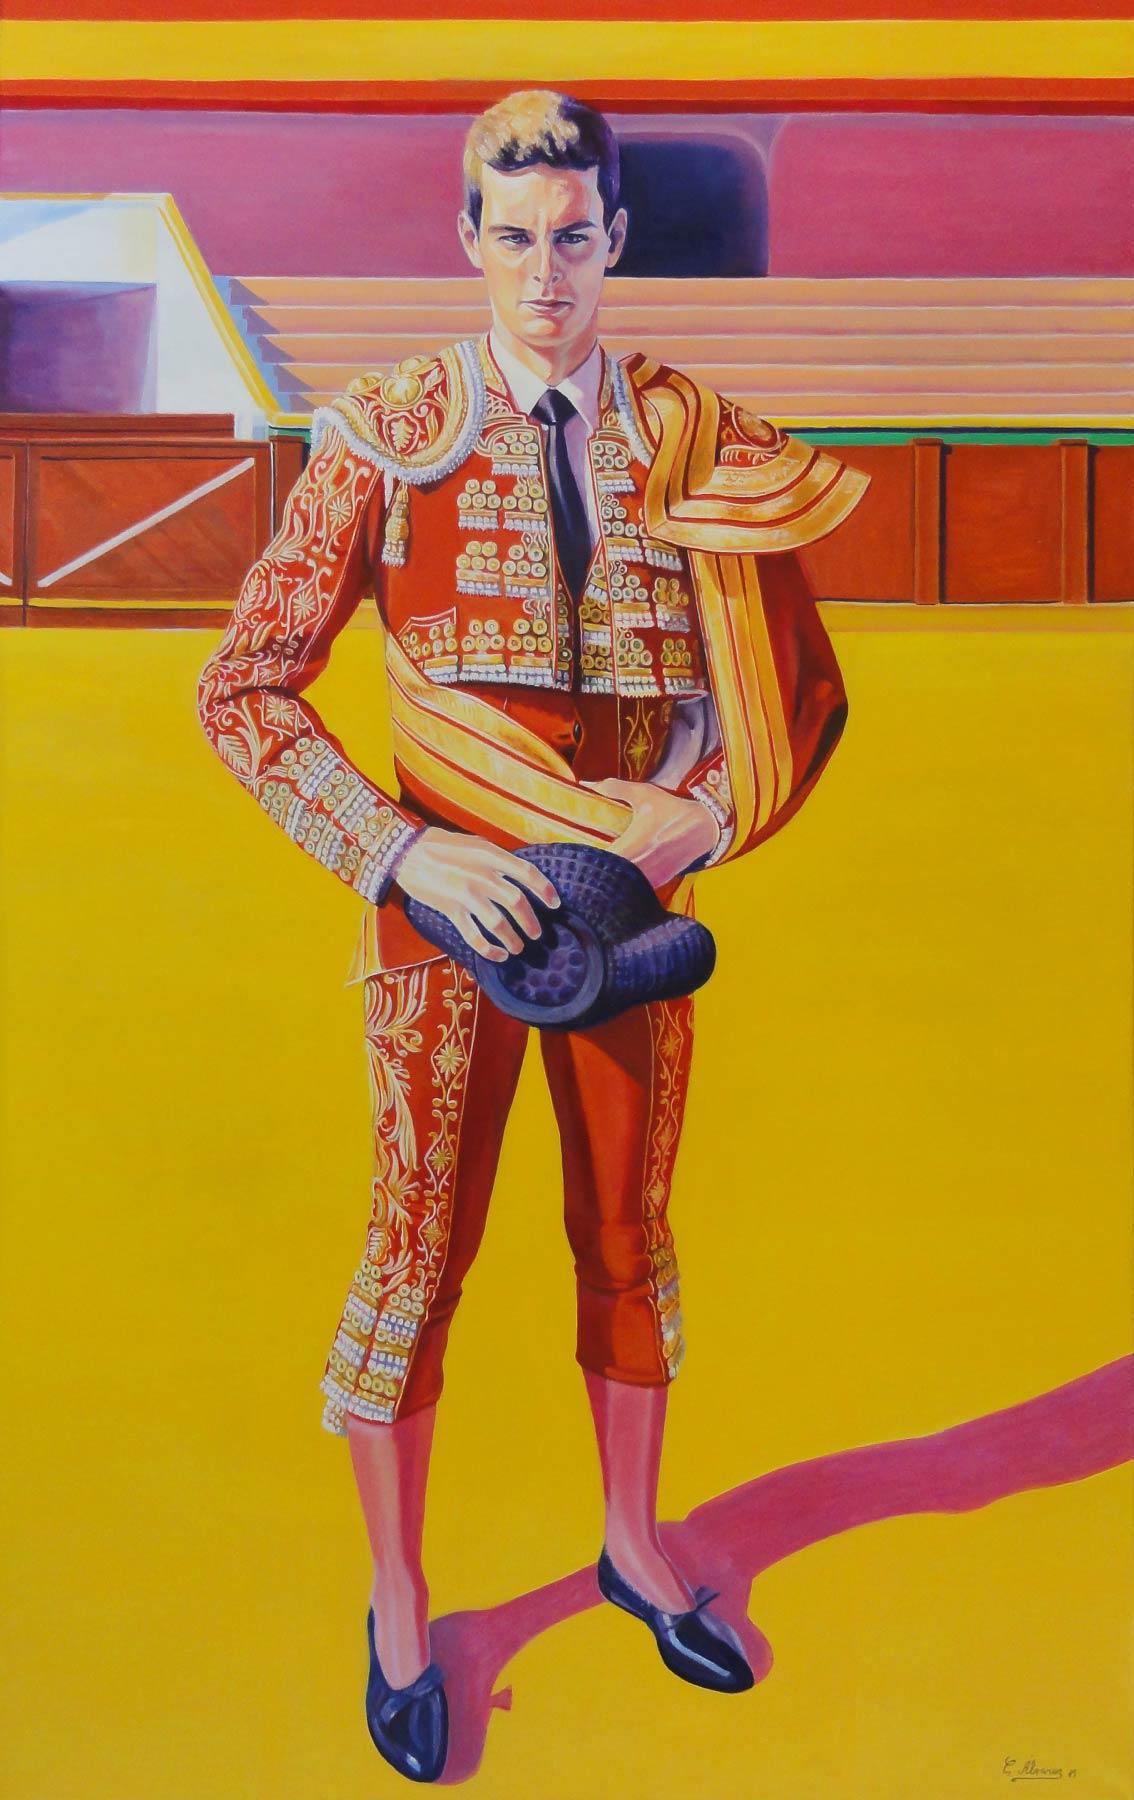 Torero de grana y oro. Year 2015. Oil on canvas. 160 x 100 cm-63¨x 39,4¨